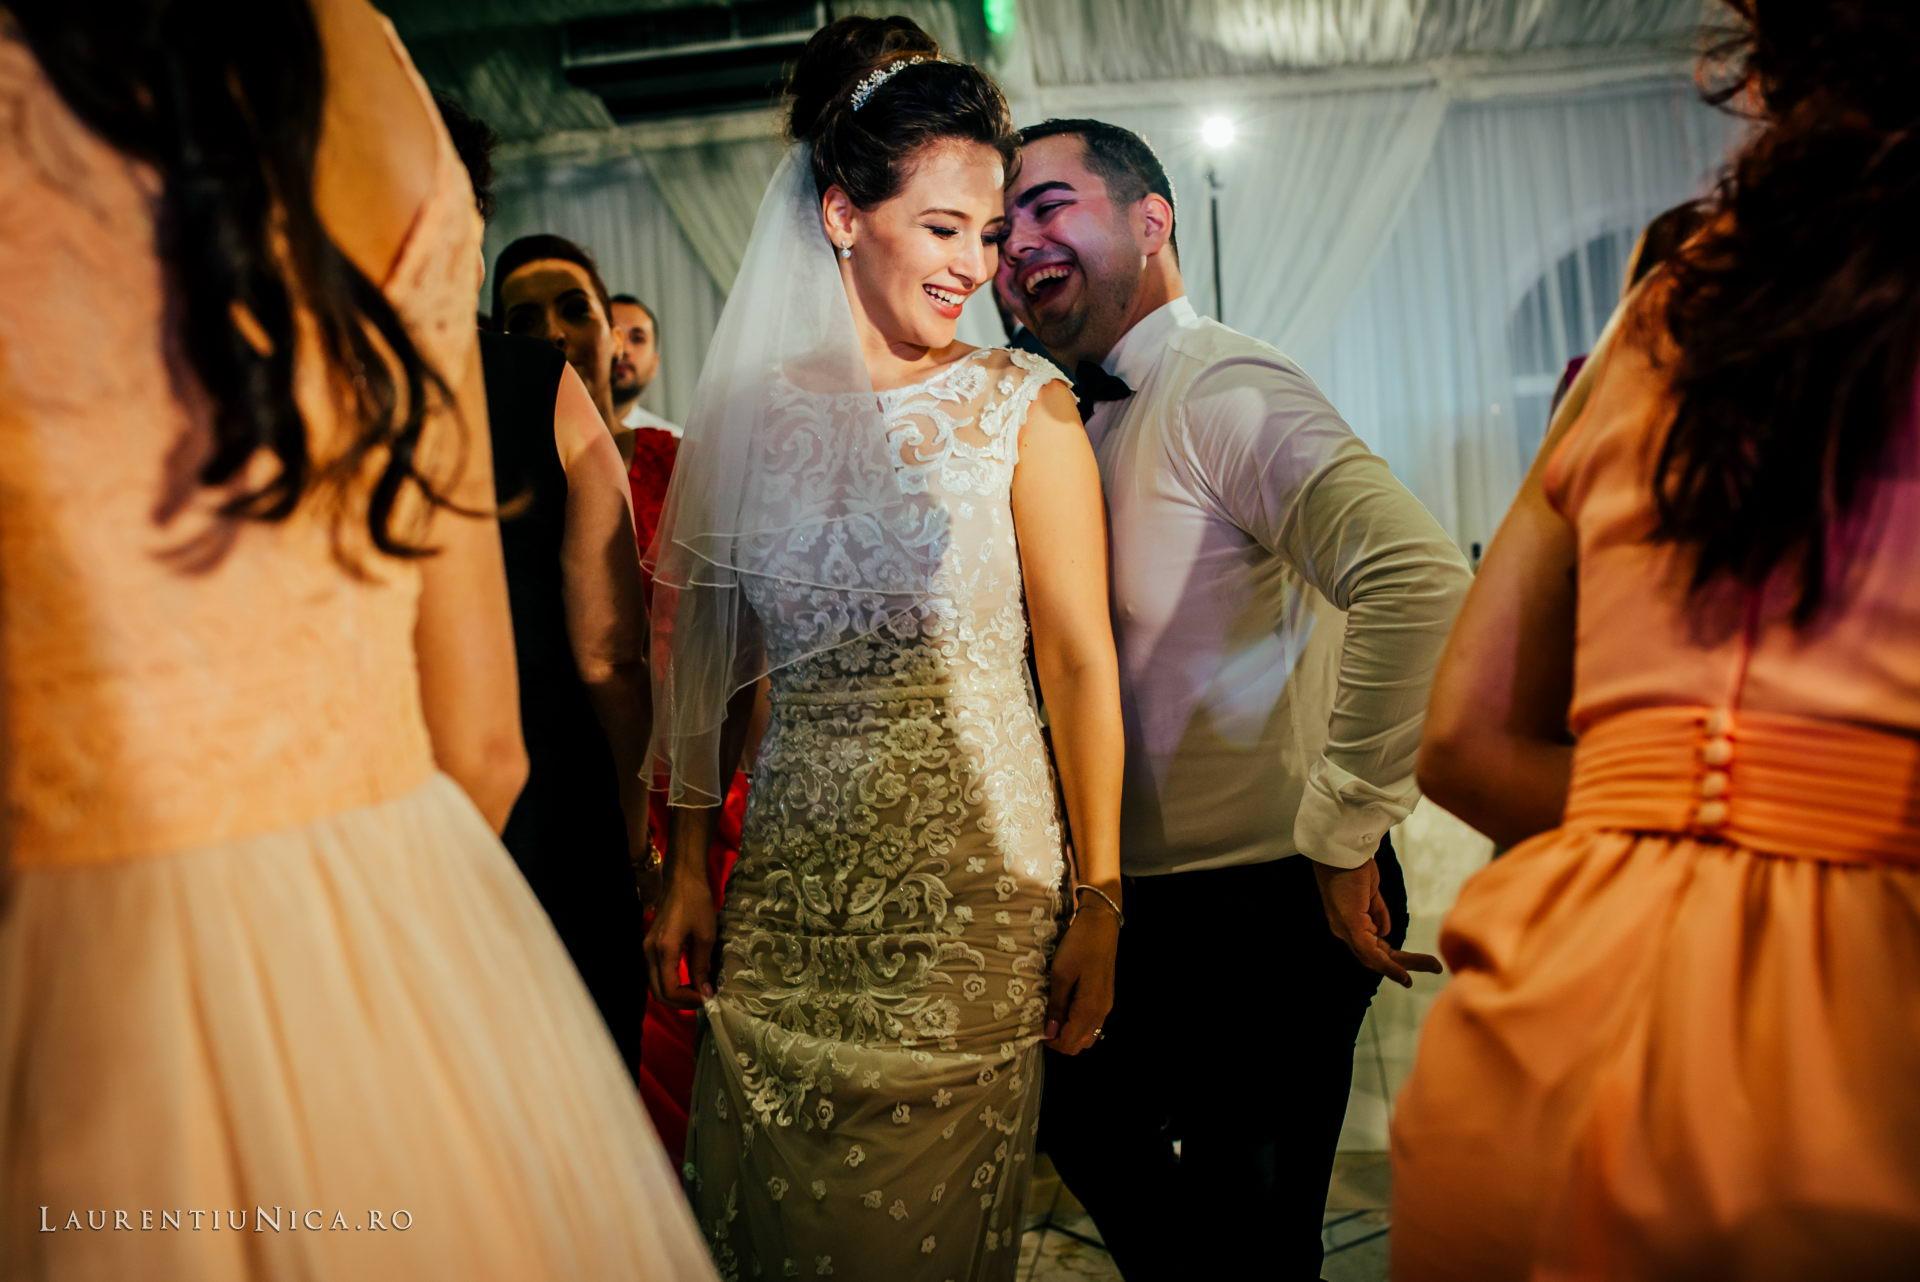 denisa si catalin fotograf nunta laurentiu nica craiova 94 - Denisa si Catalin | Fotografii nunta | Craiova